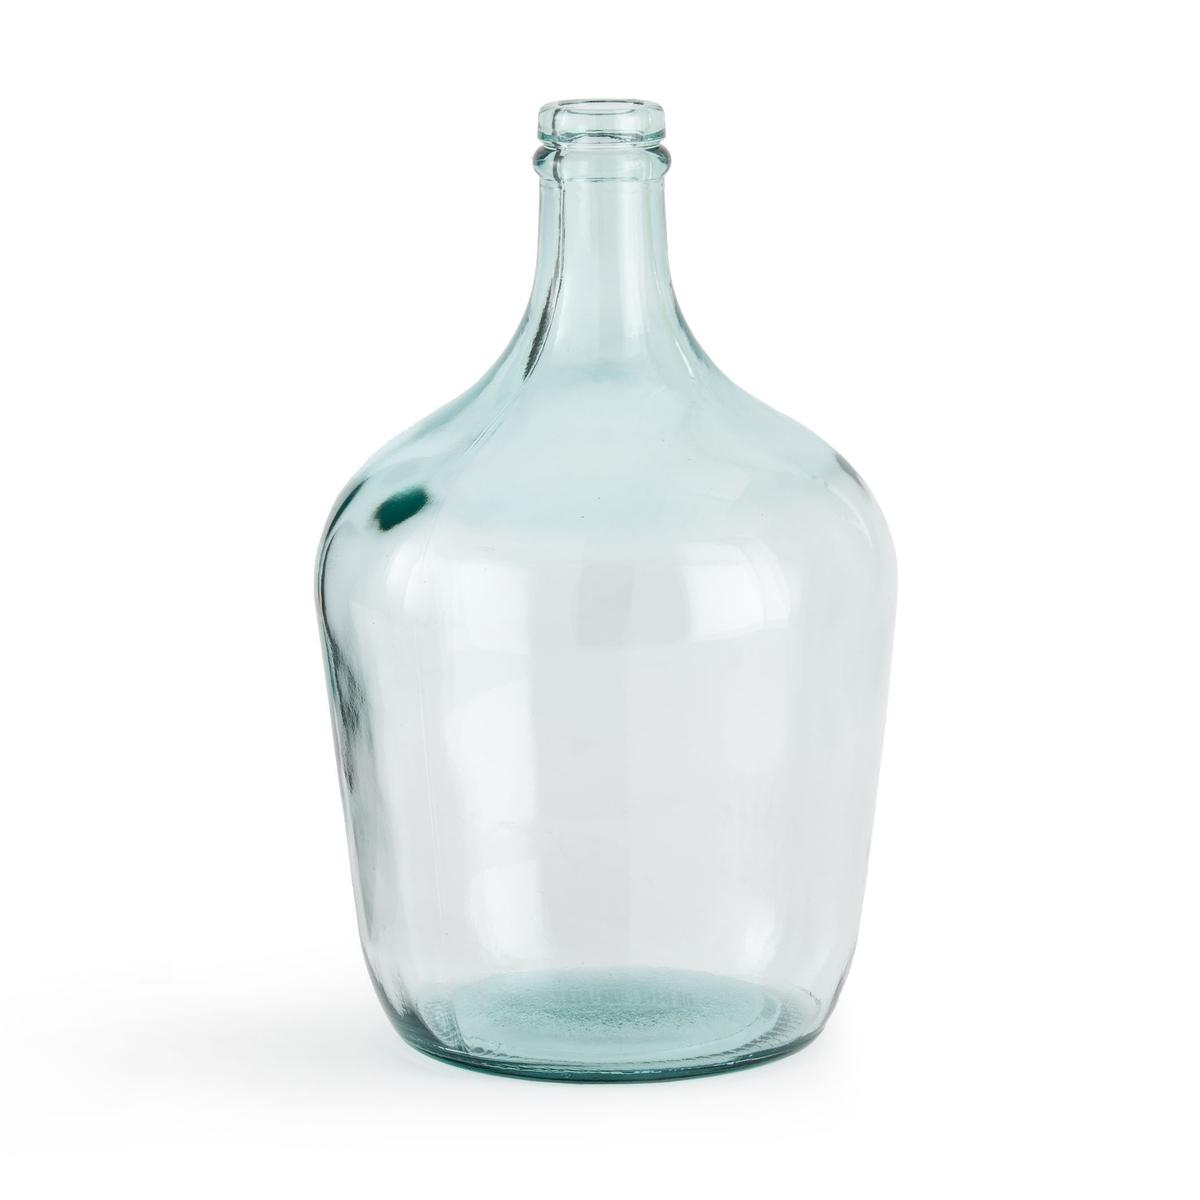 Ваза-бутыль La Redoute Из стекла Izolia единый размер зеленый